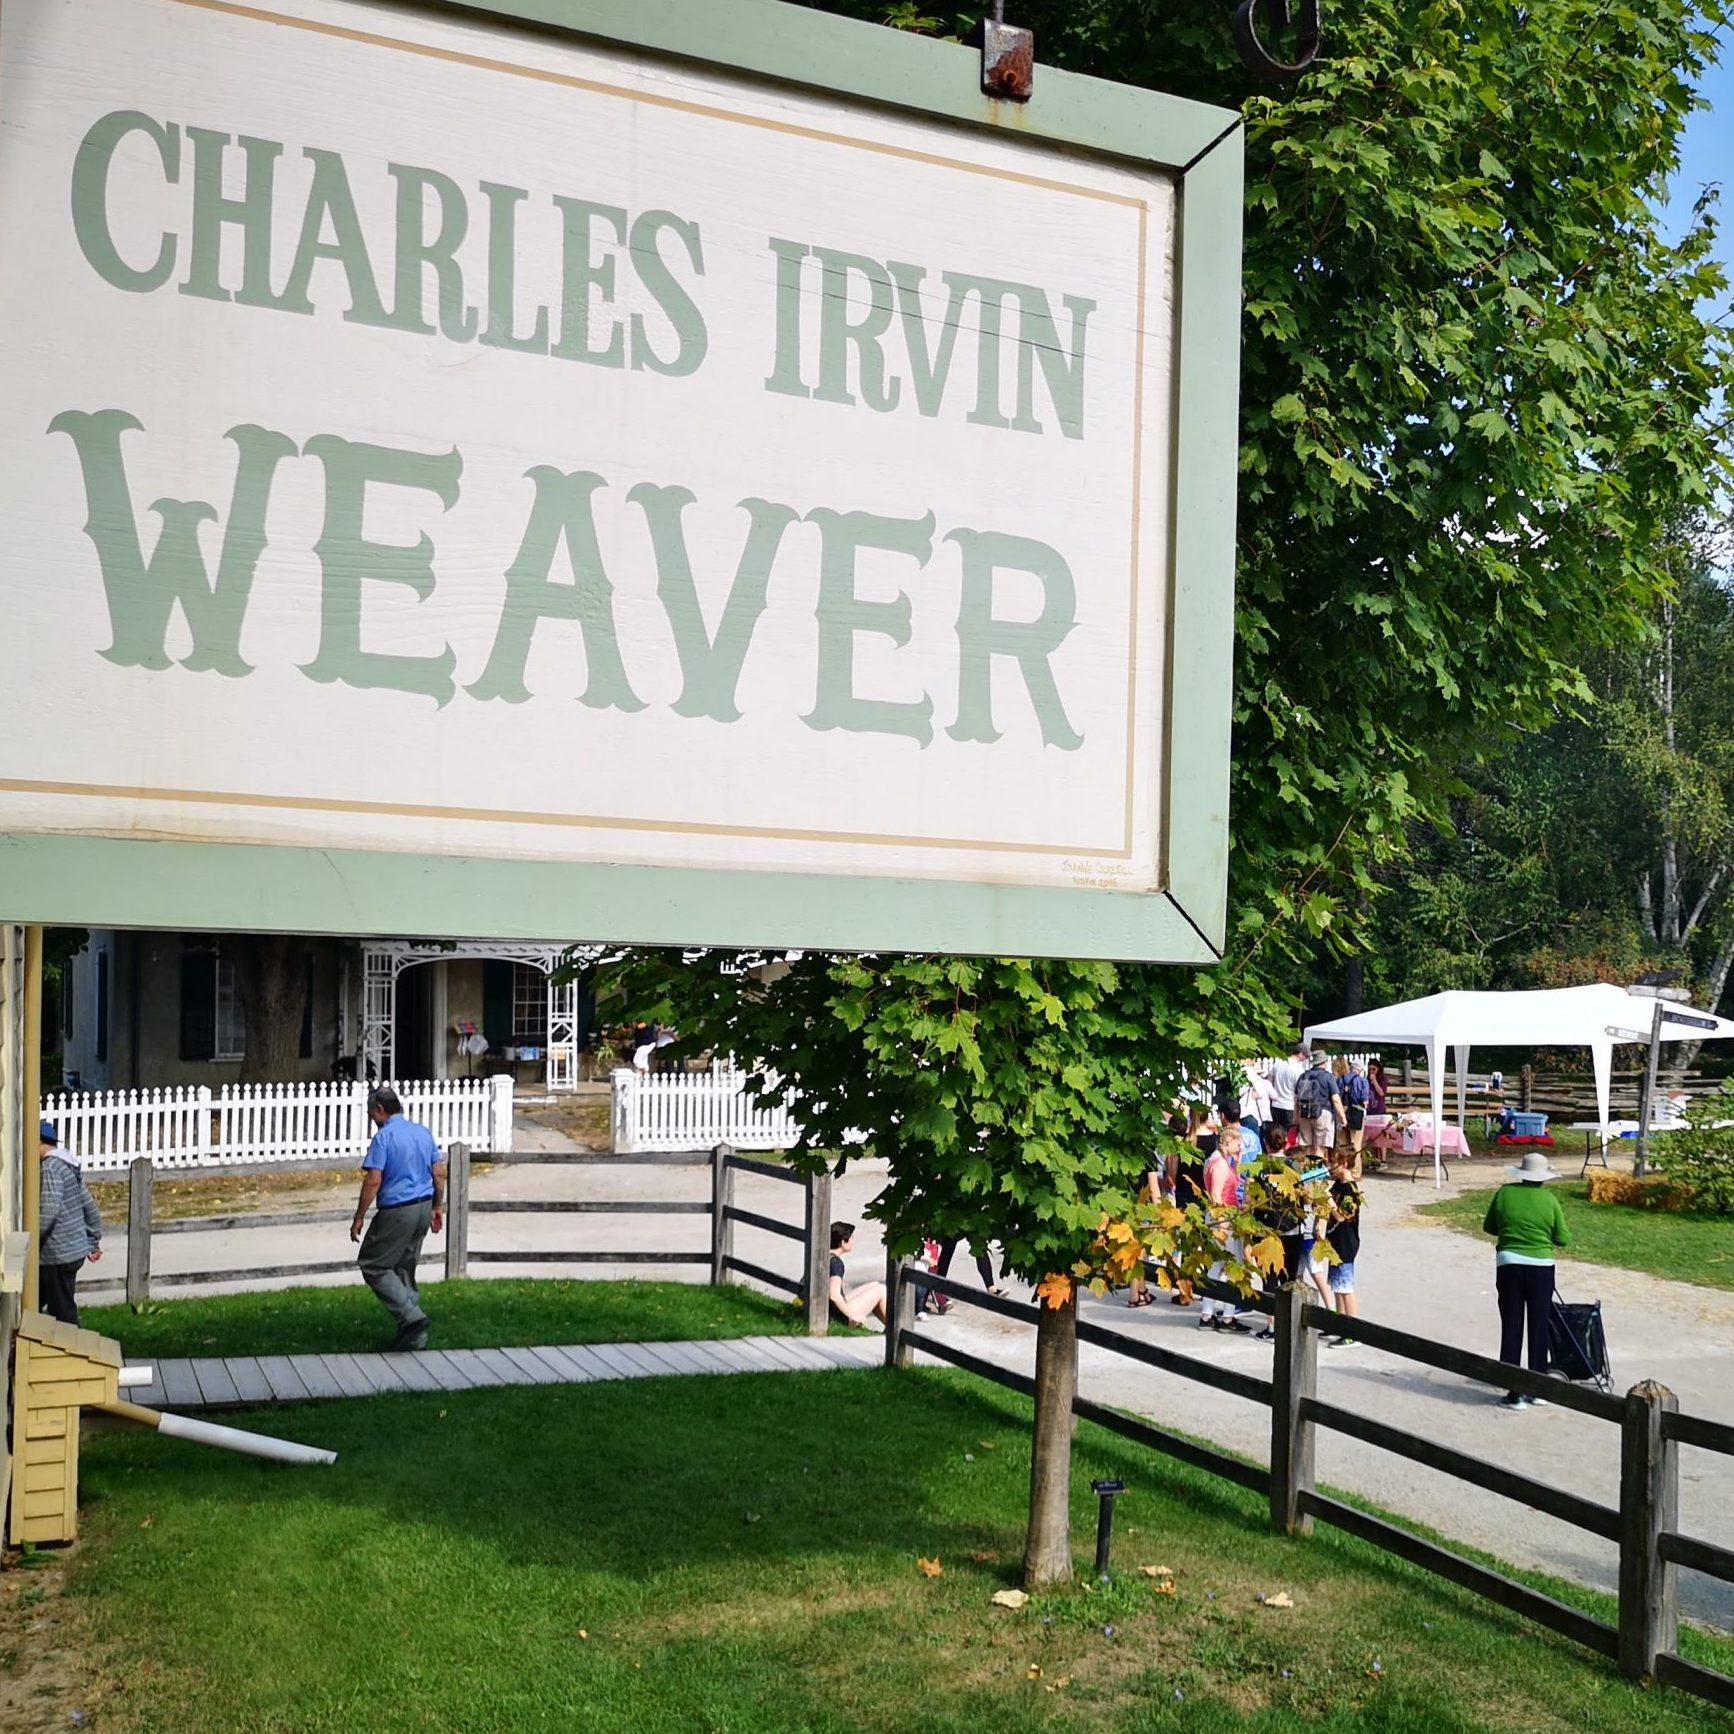 Charles Irwin Weaver sign